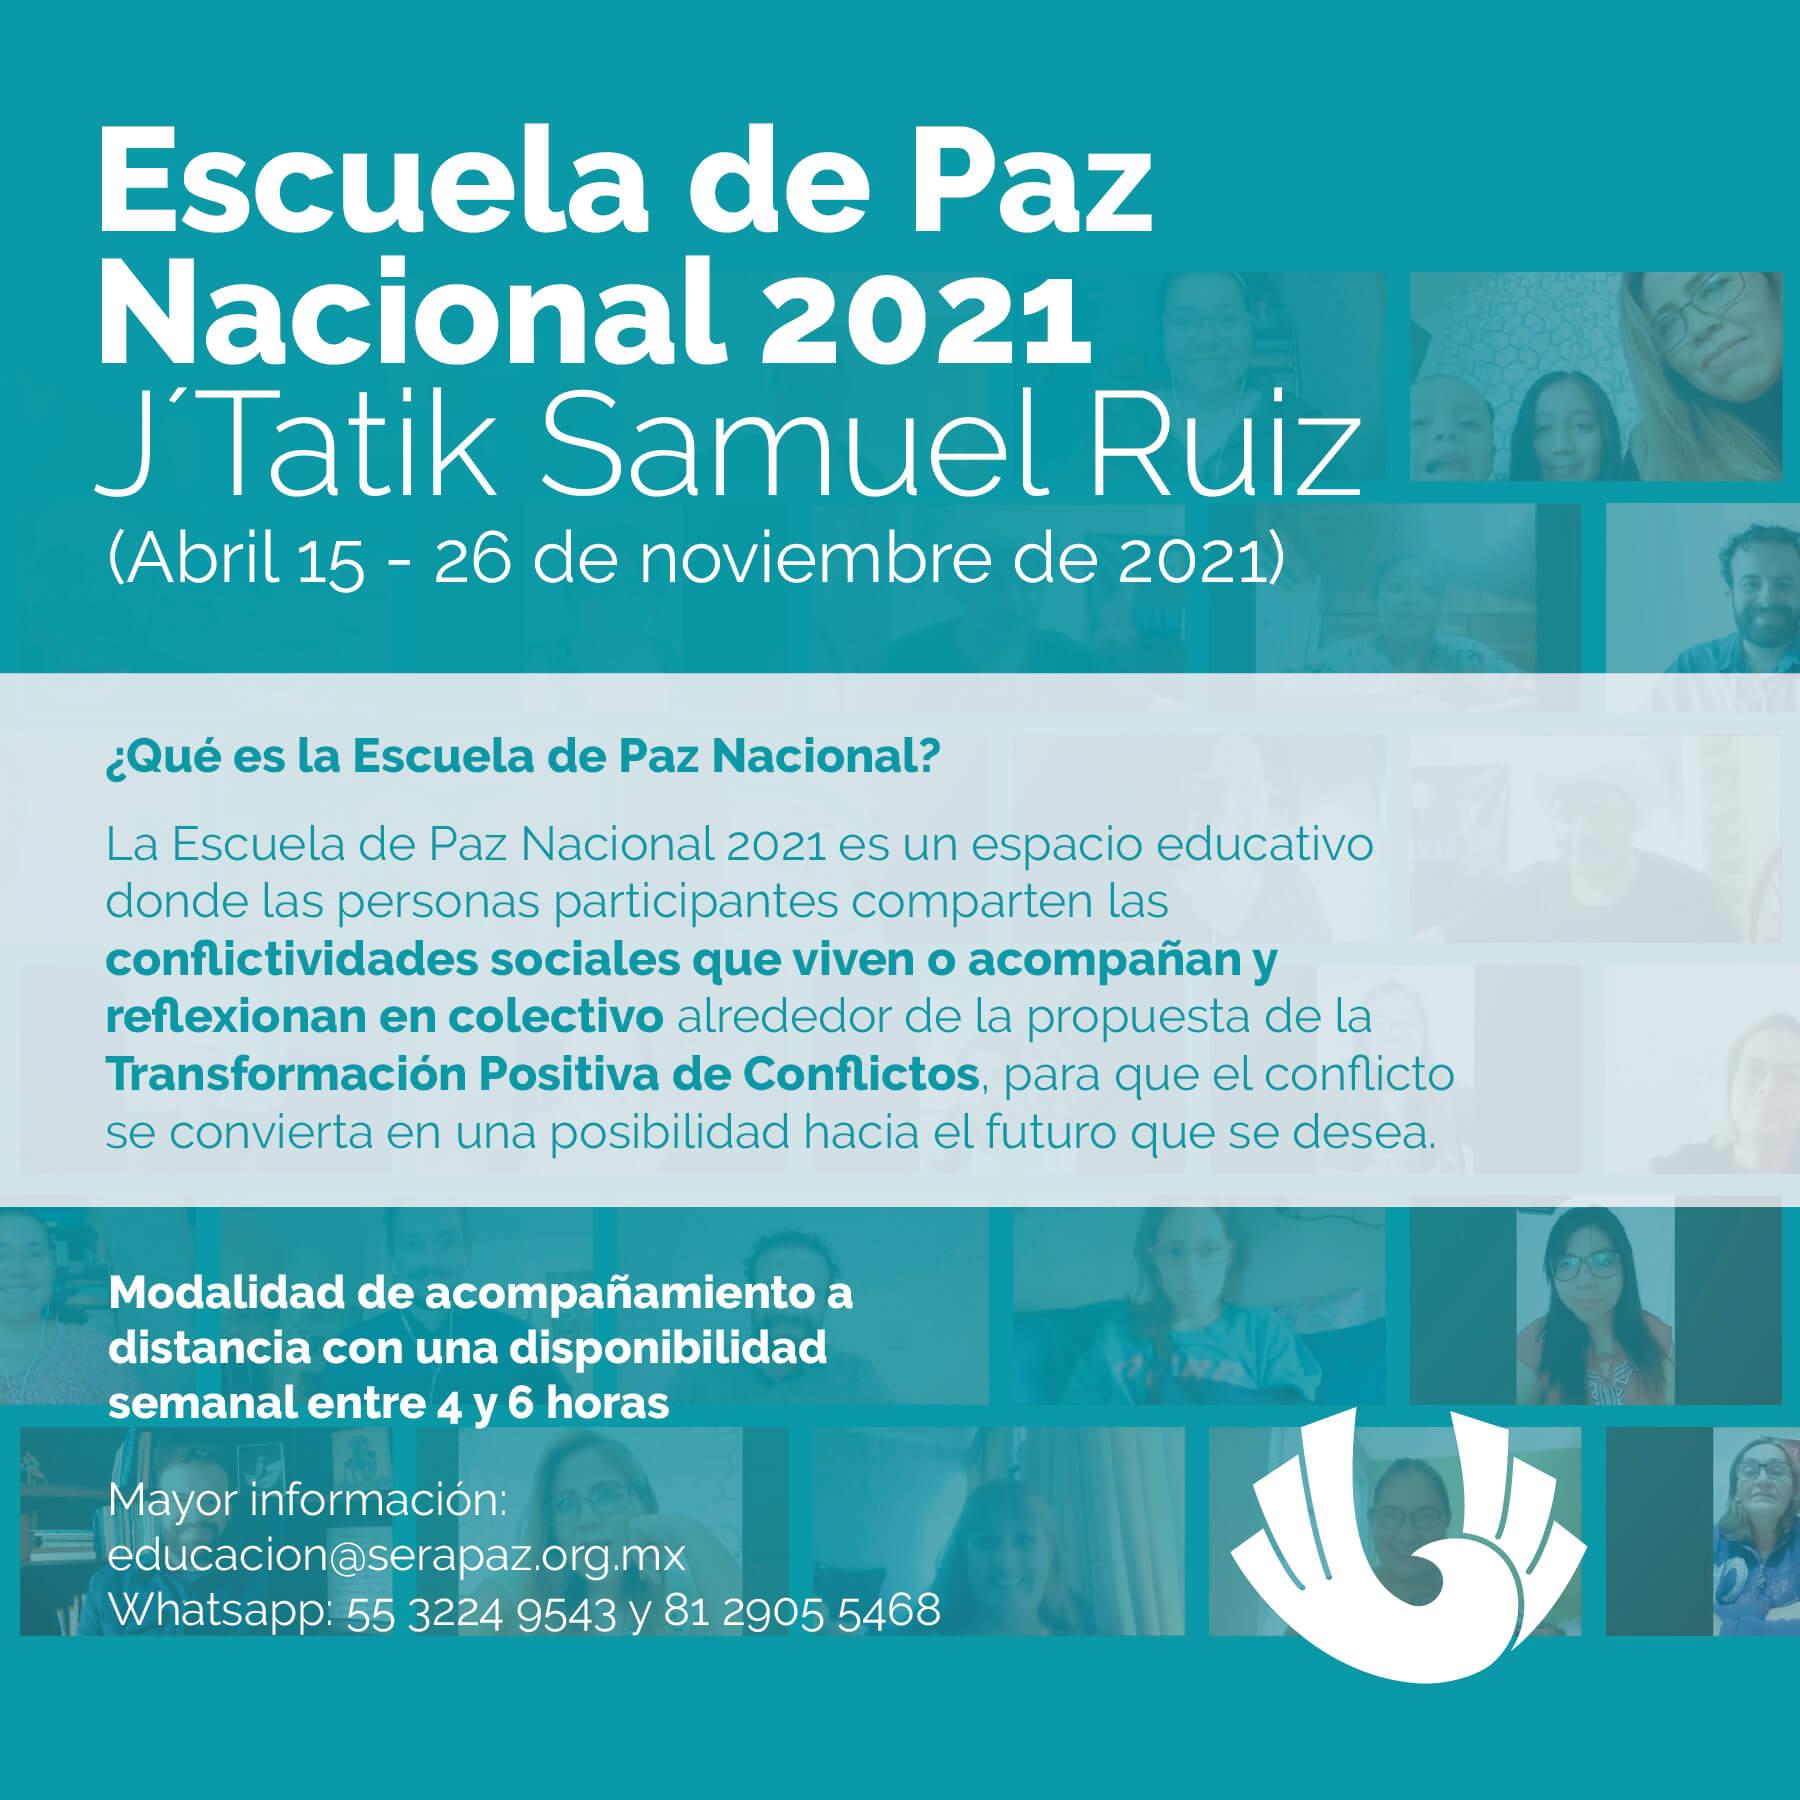 Convocatoria para participar en la Escuela de Paz Nacional J'Tatik Samuel Ruiz, 2021